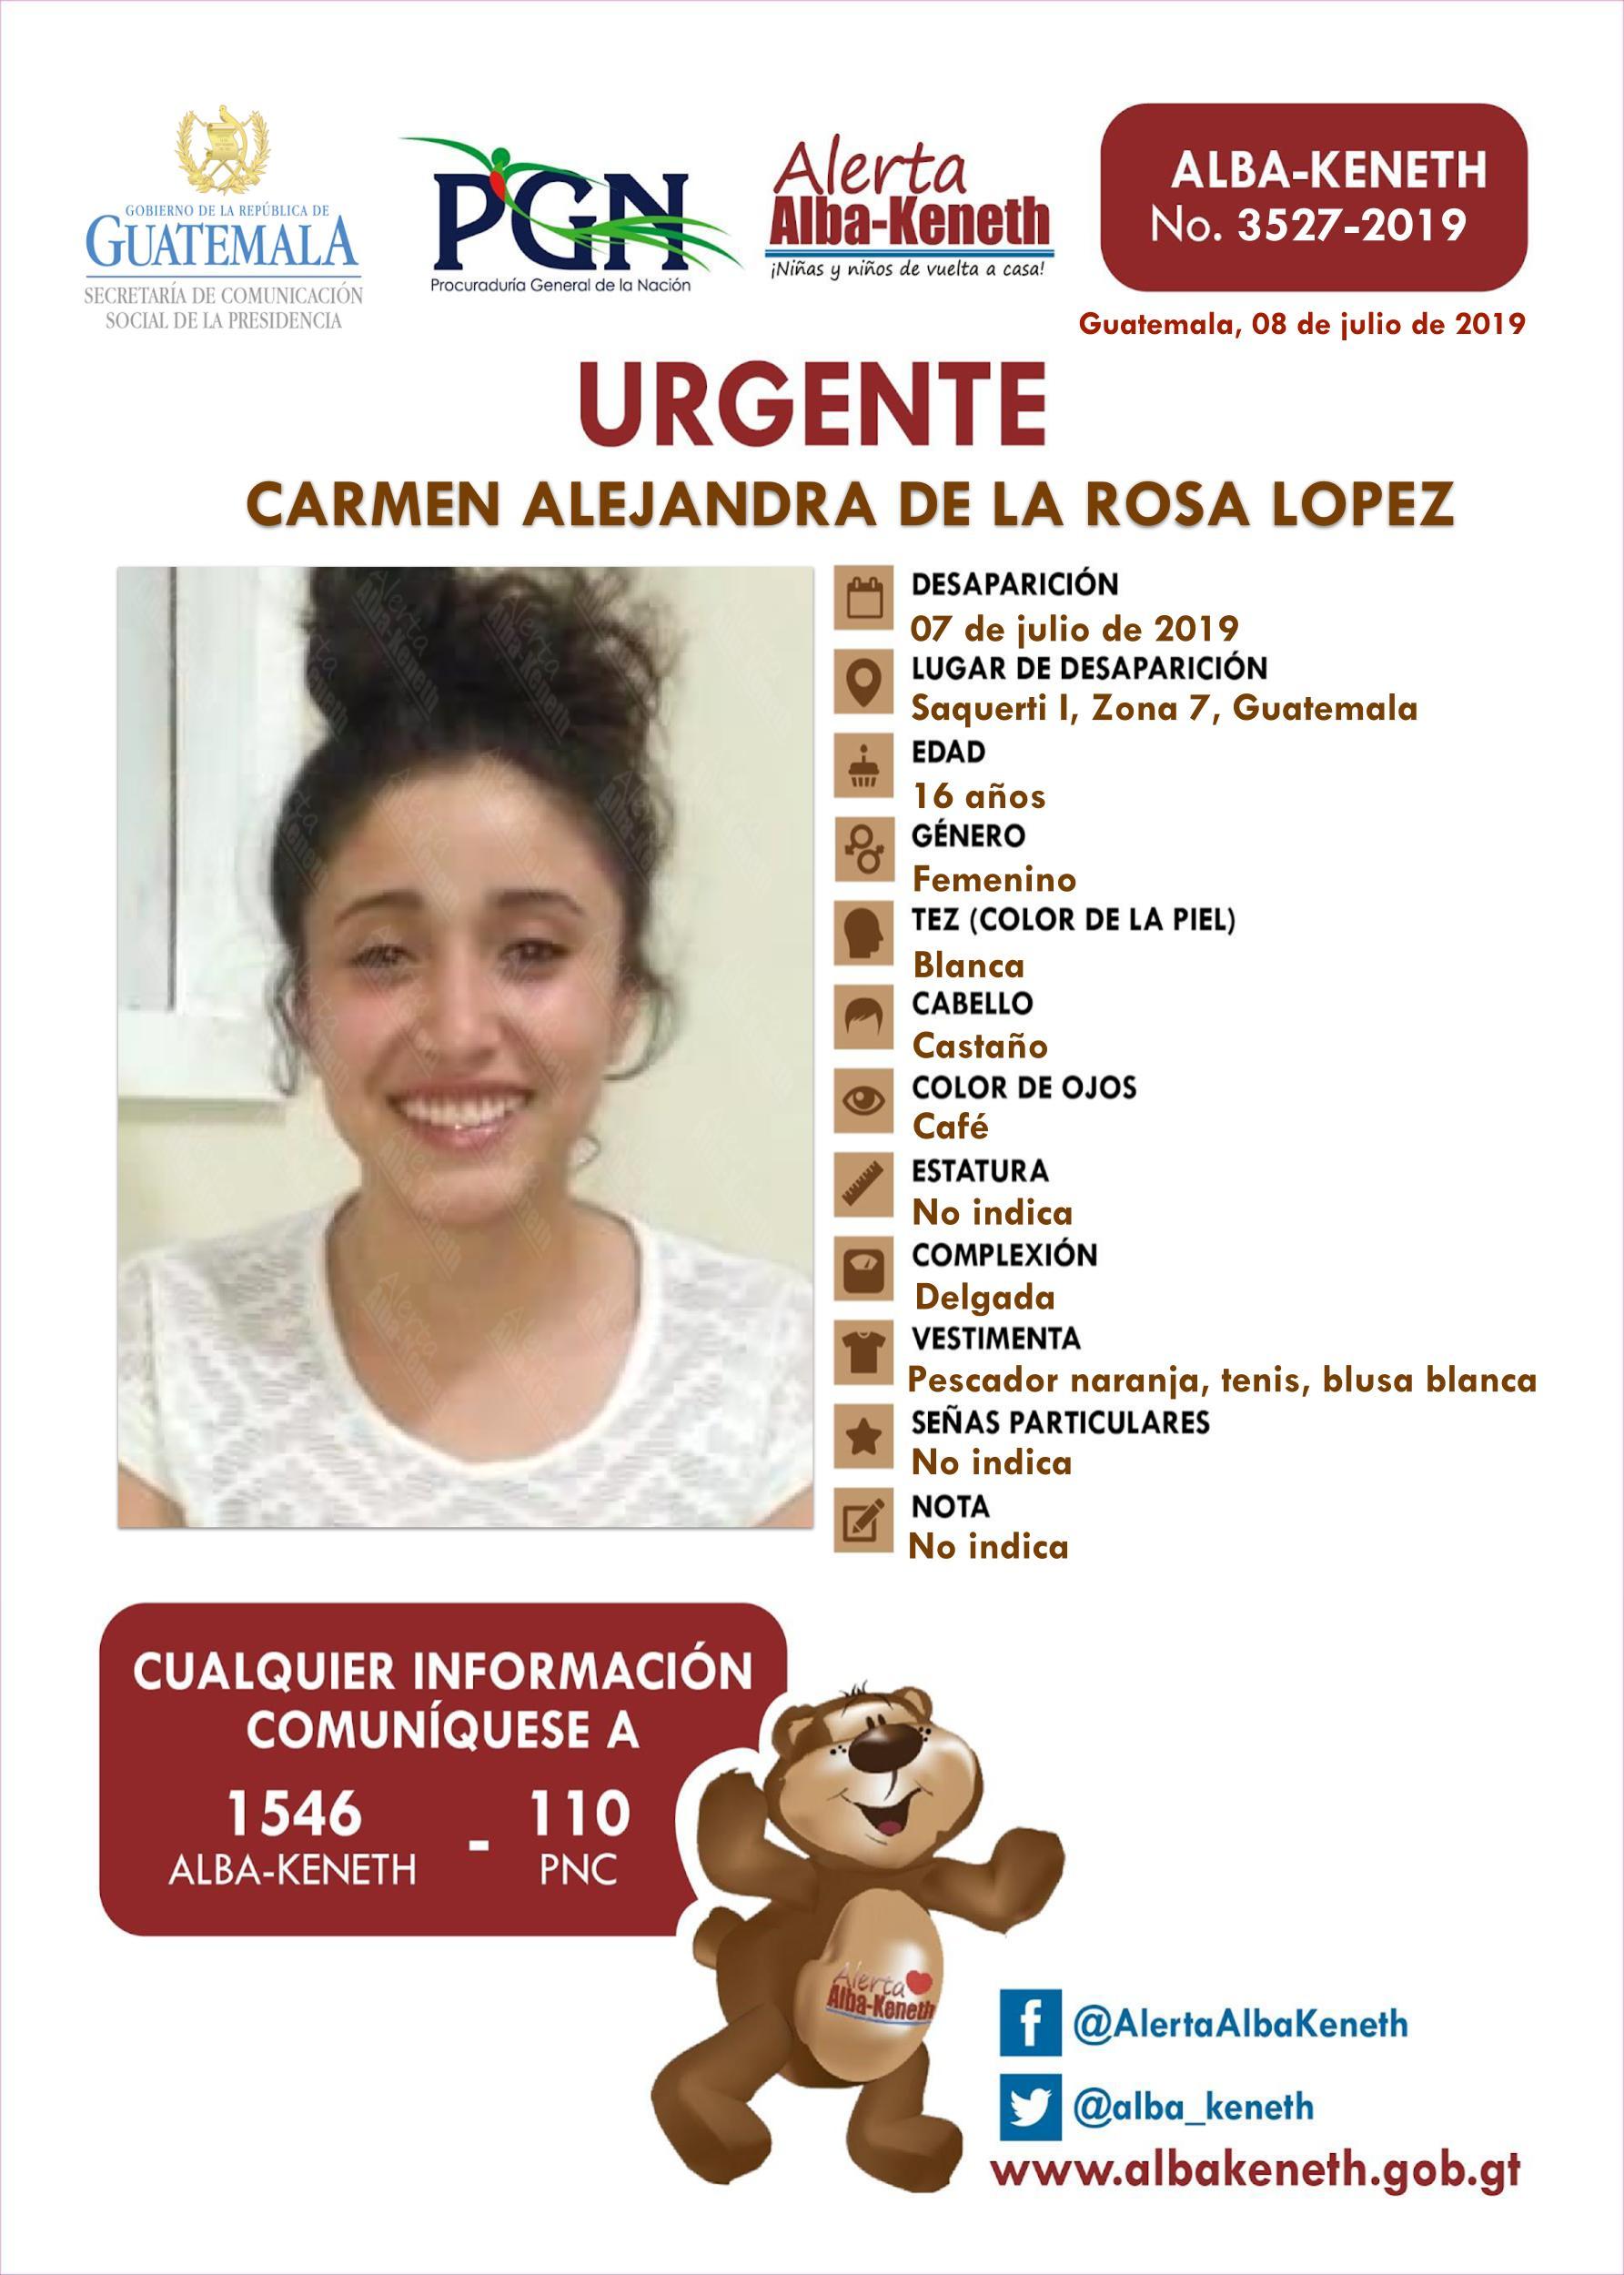 Carmen Alejandra de la Rosa Lopez